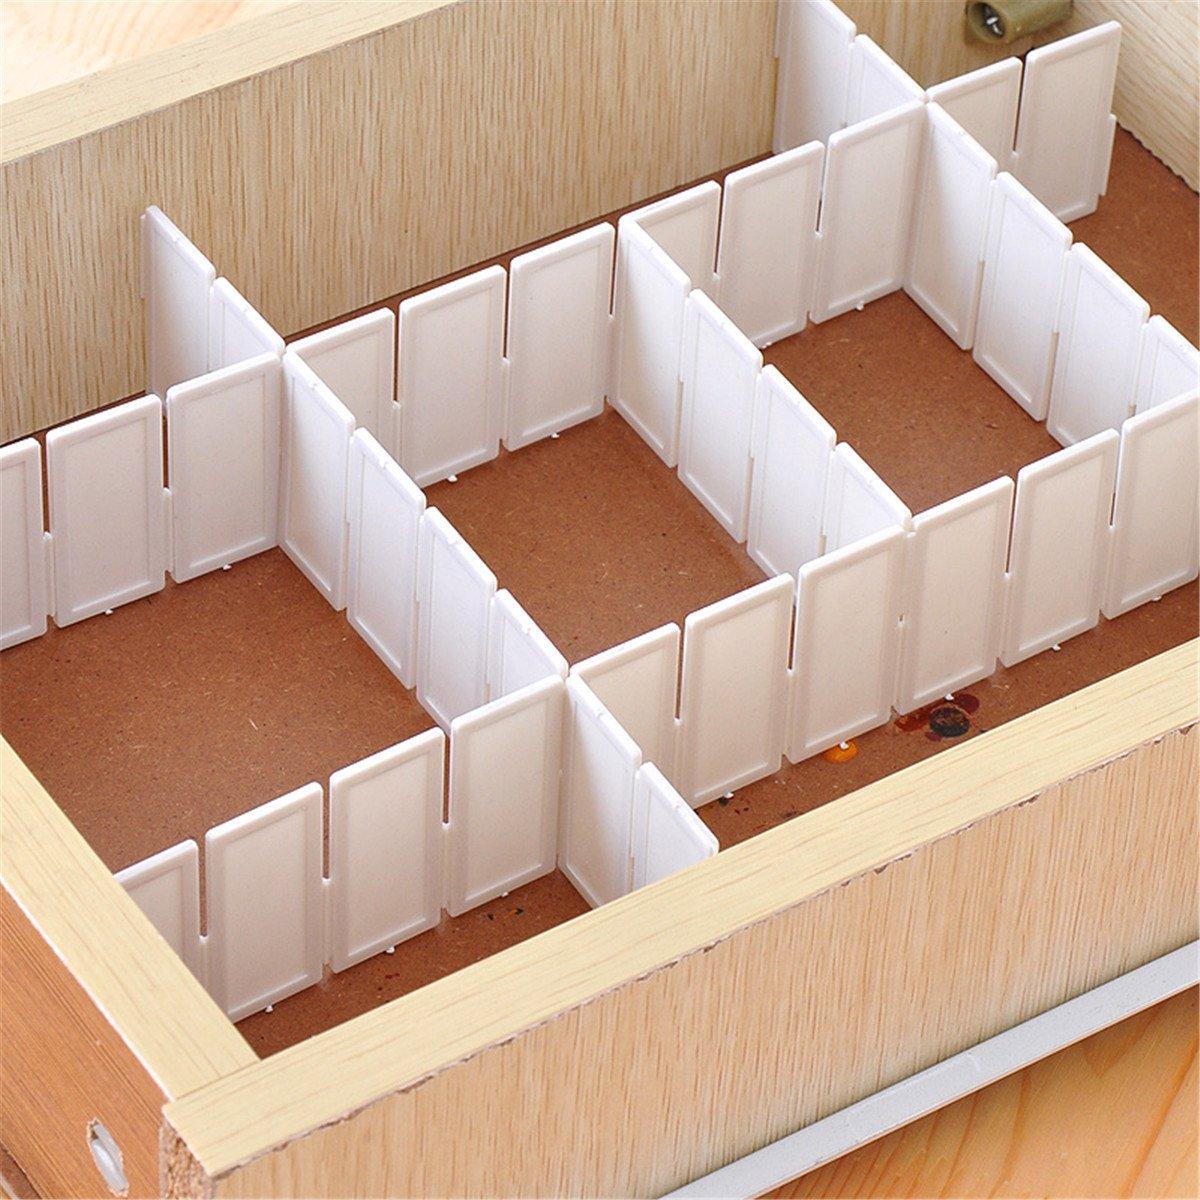 Genial Amazon.com: Drawer Clapboard Divider Cabinet DIY Storage Organizer: Home U0026  Kitchen